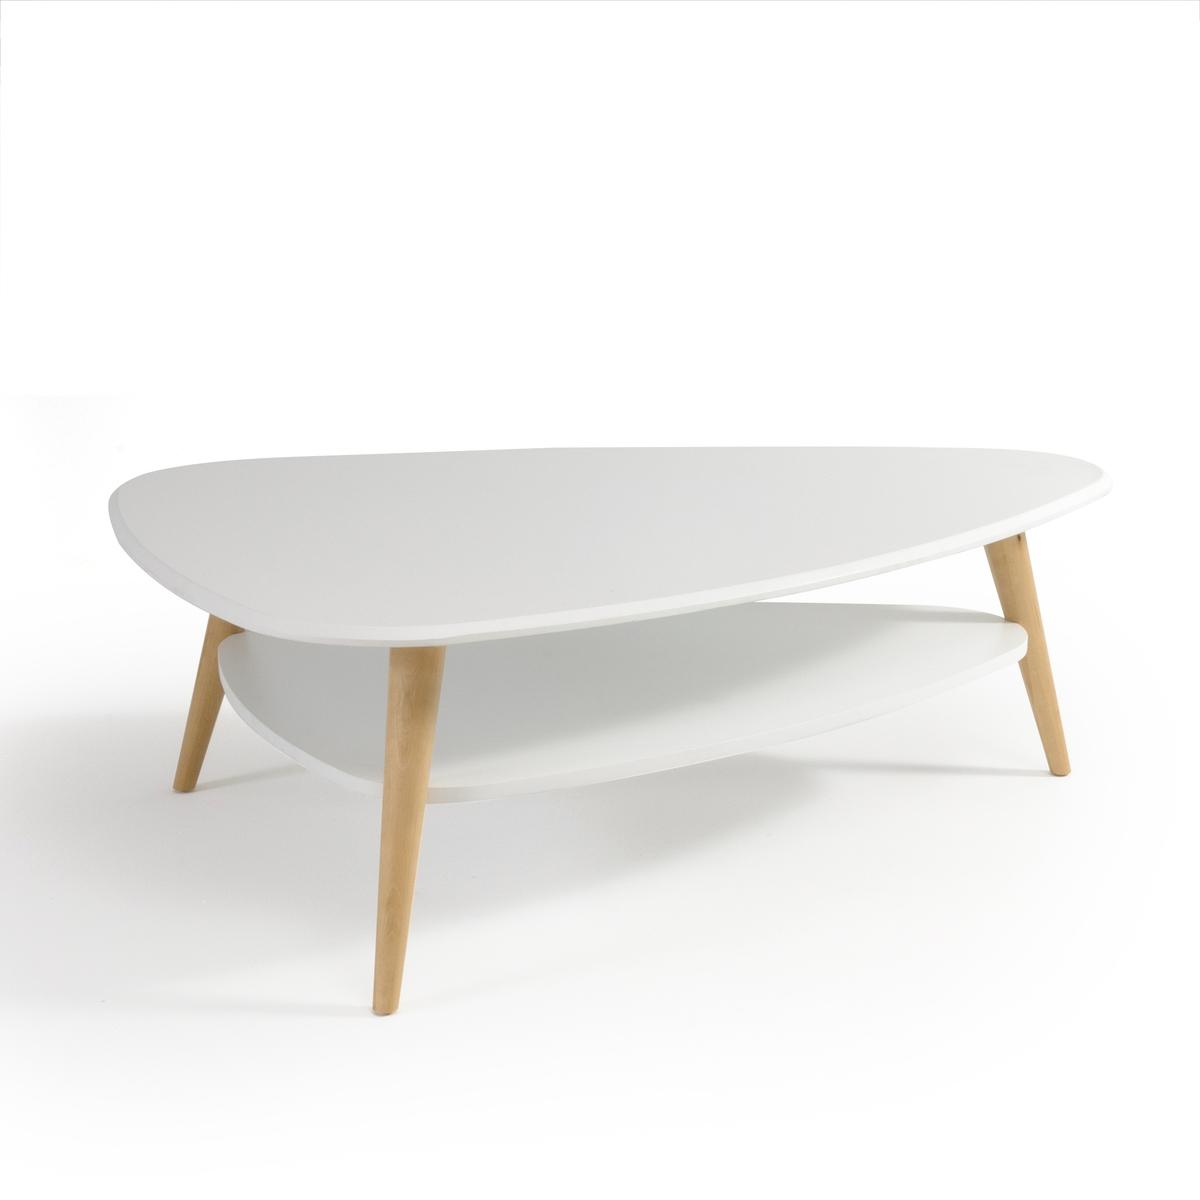 Столик журнальный с 2 столешницами в винтажном стиле JIMI столик прикроватный в винтажном стиле jimi